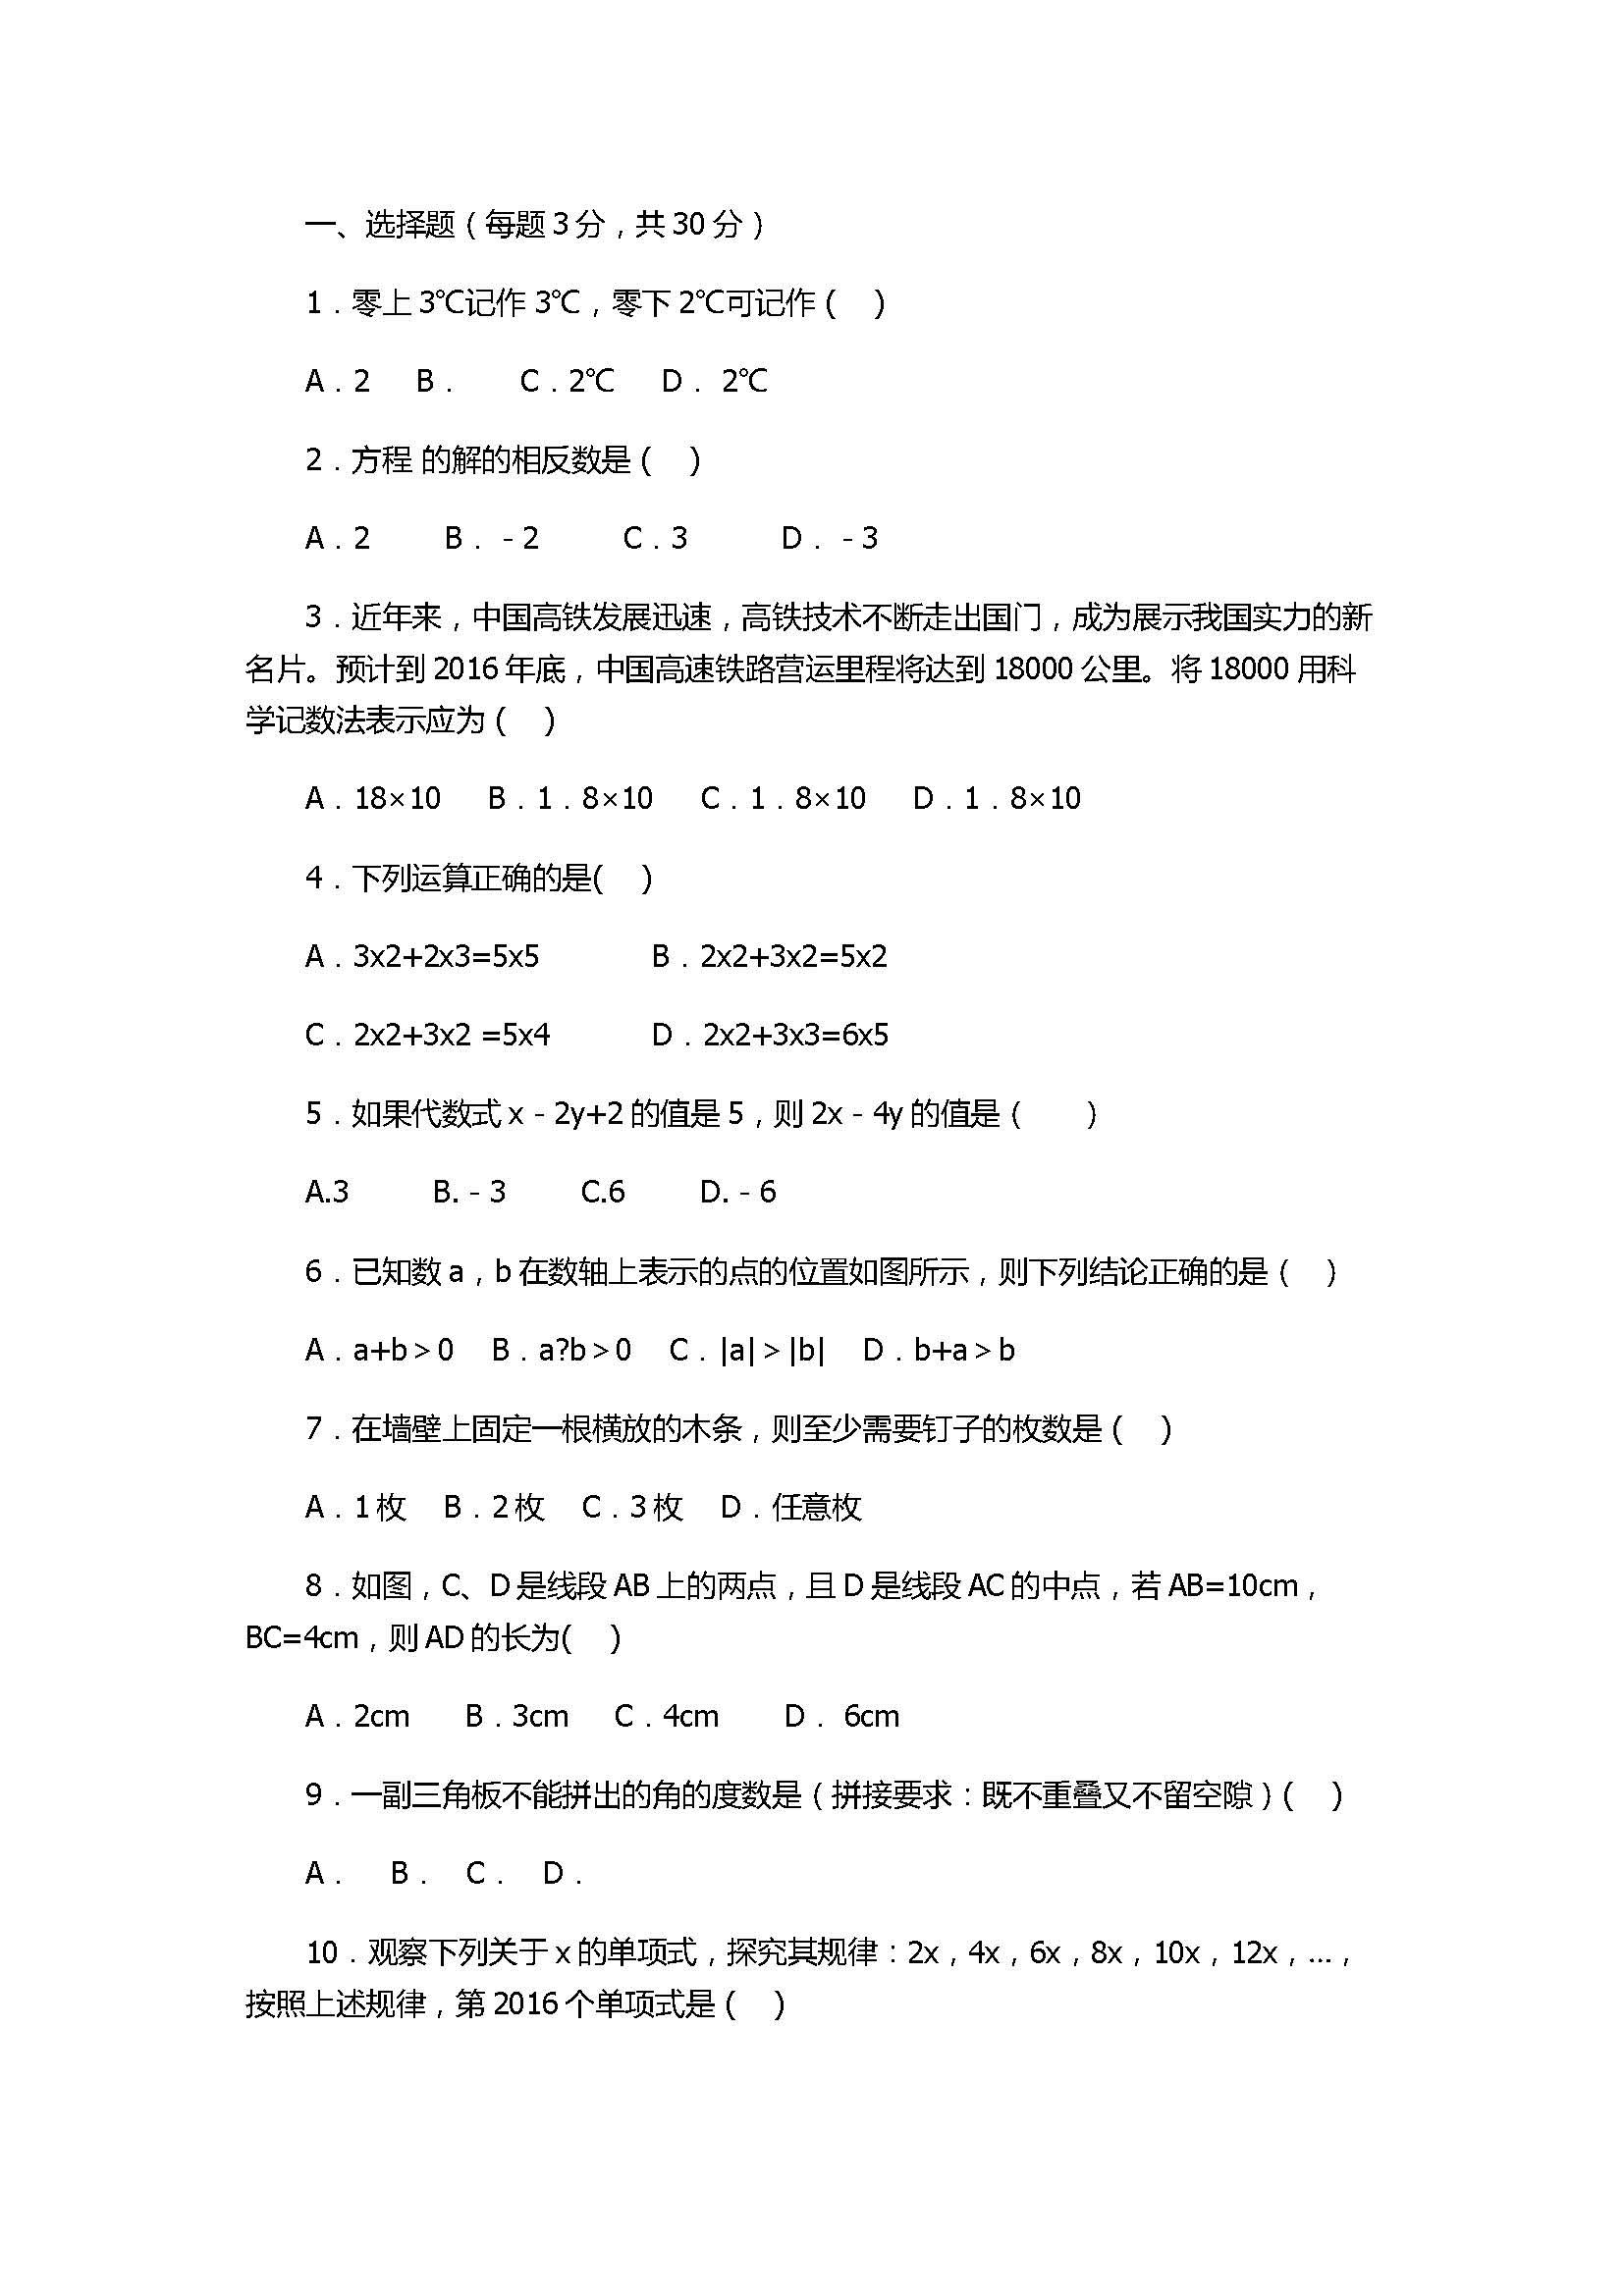 2017七年级数学期末试卷附参考答案(满洲里市)